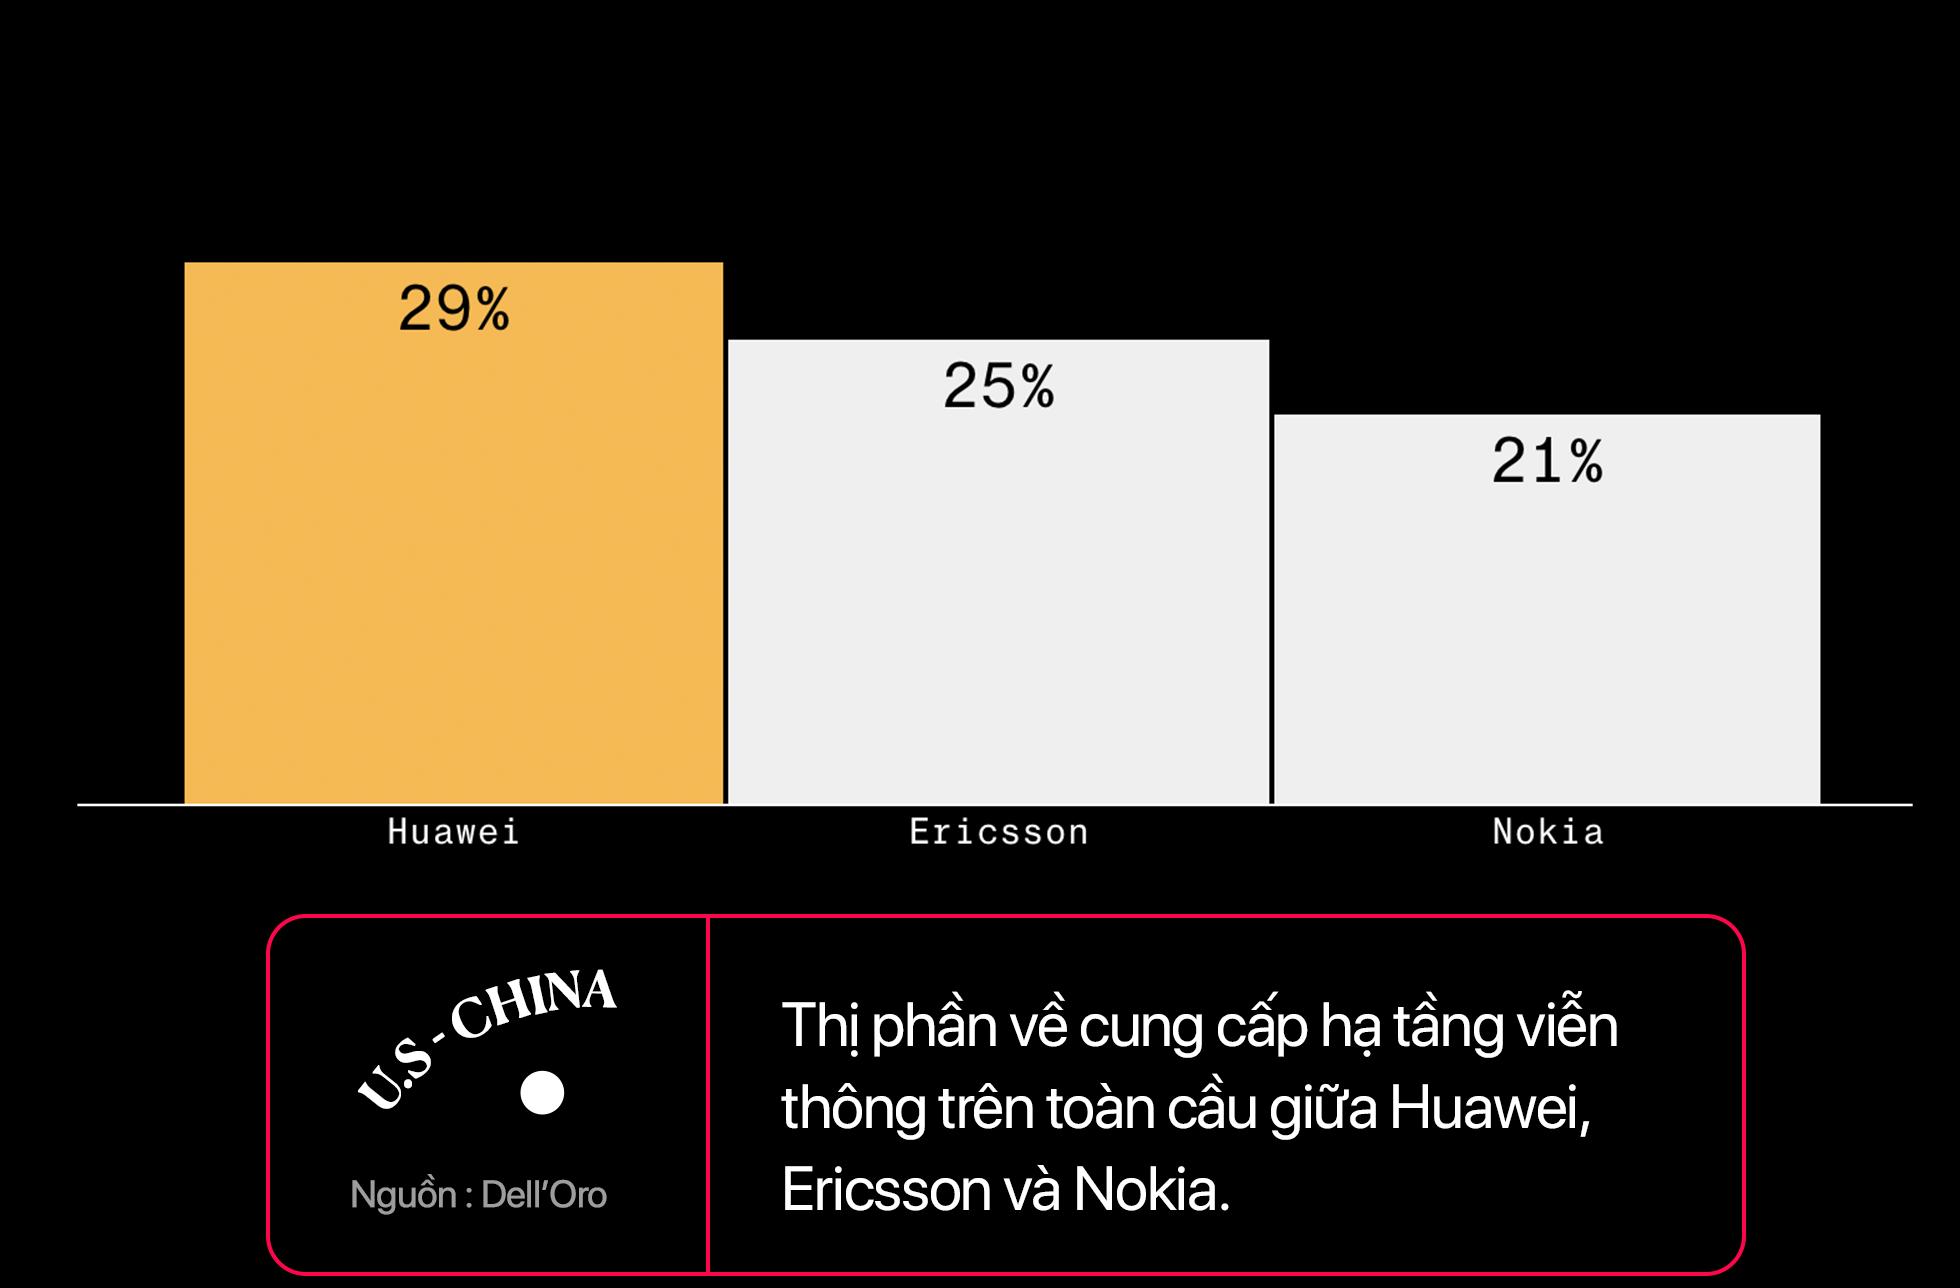 Chiến tranh công nghệ Mỹ - Trung: Ai sẽ là người chiến thắng? - Ảnh 12.